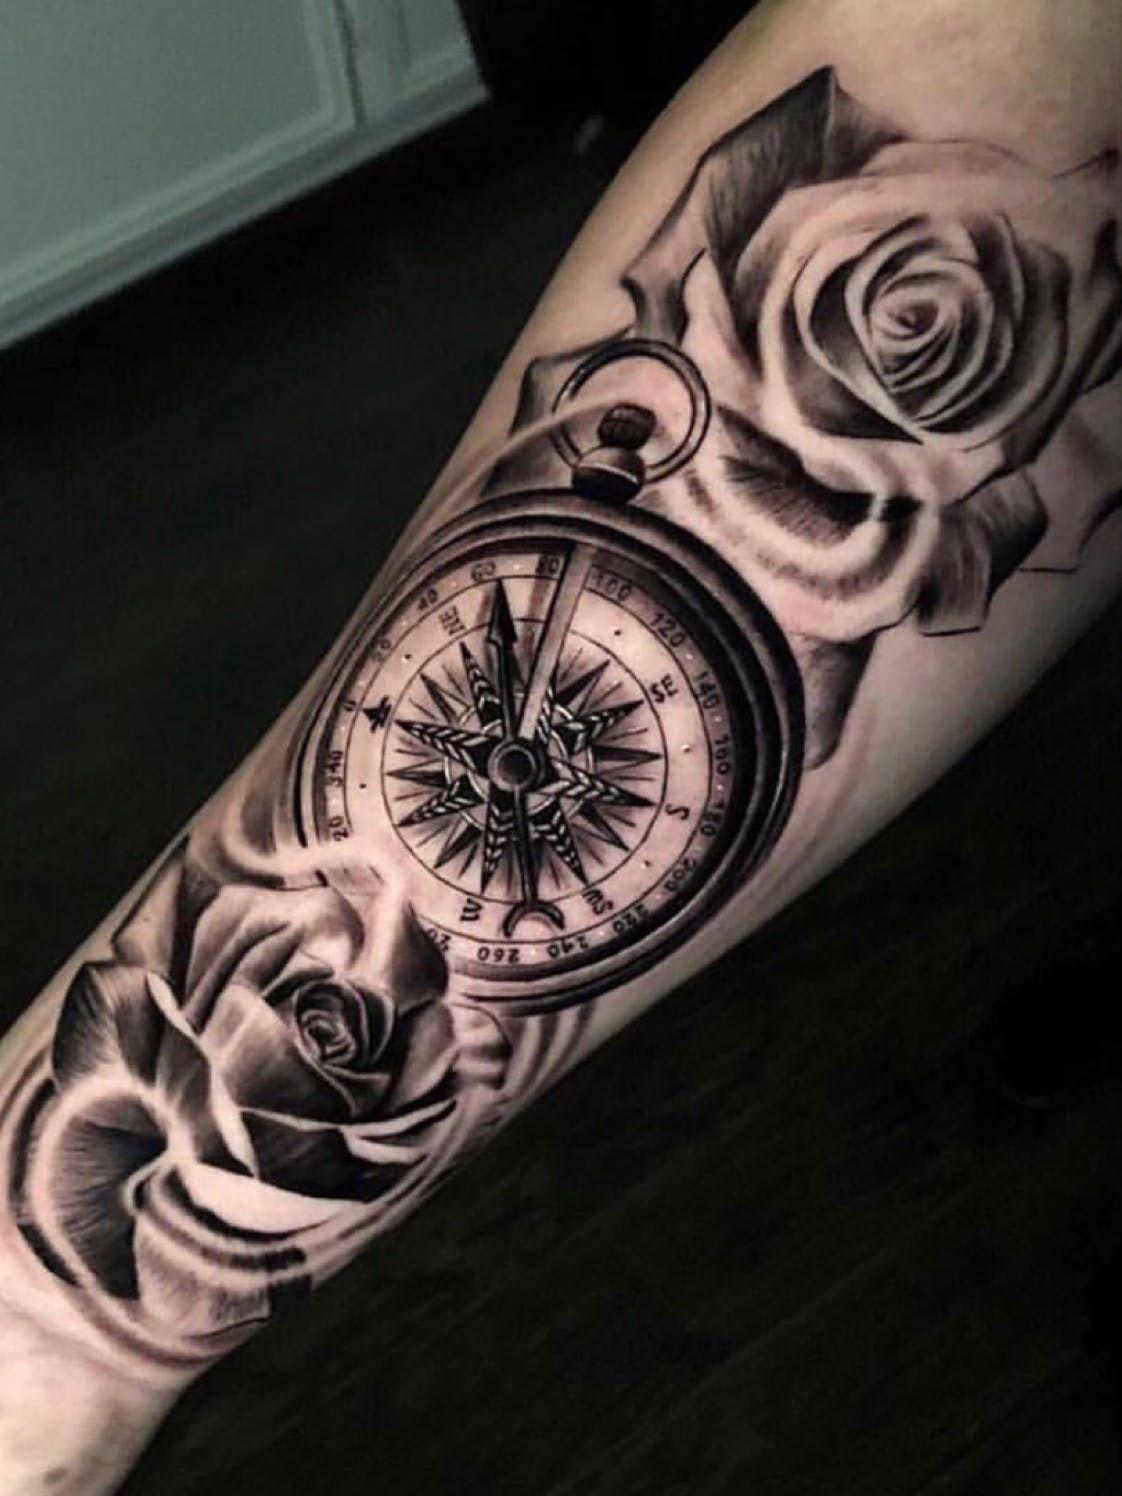 Tattoo uploaded by Clay Rodriguez | #blackandgrey#inked#sleevetattoo#claytattoos#tattoos#clocktattoo | 732157 | Tattoodo